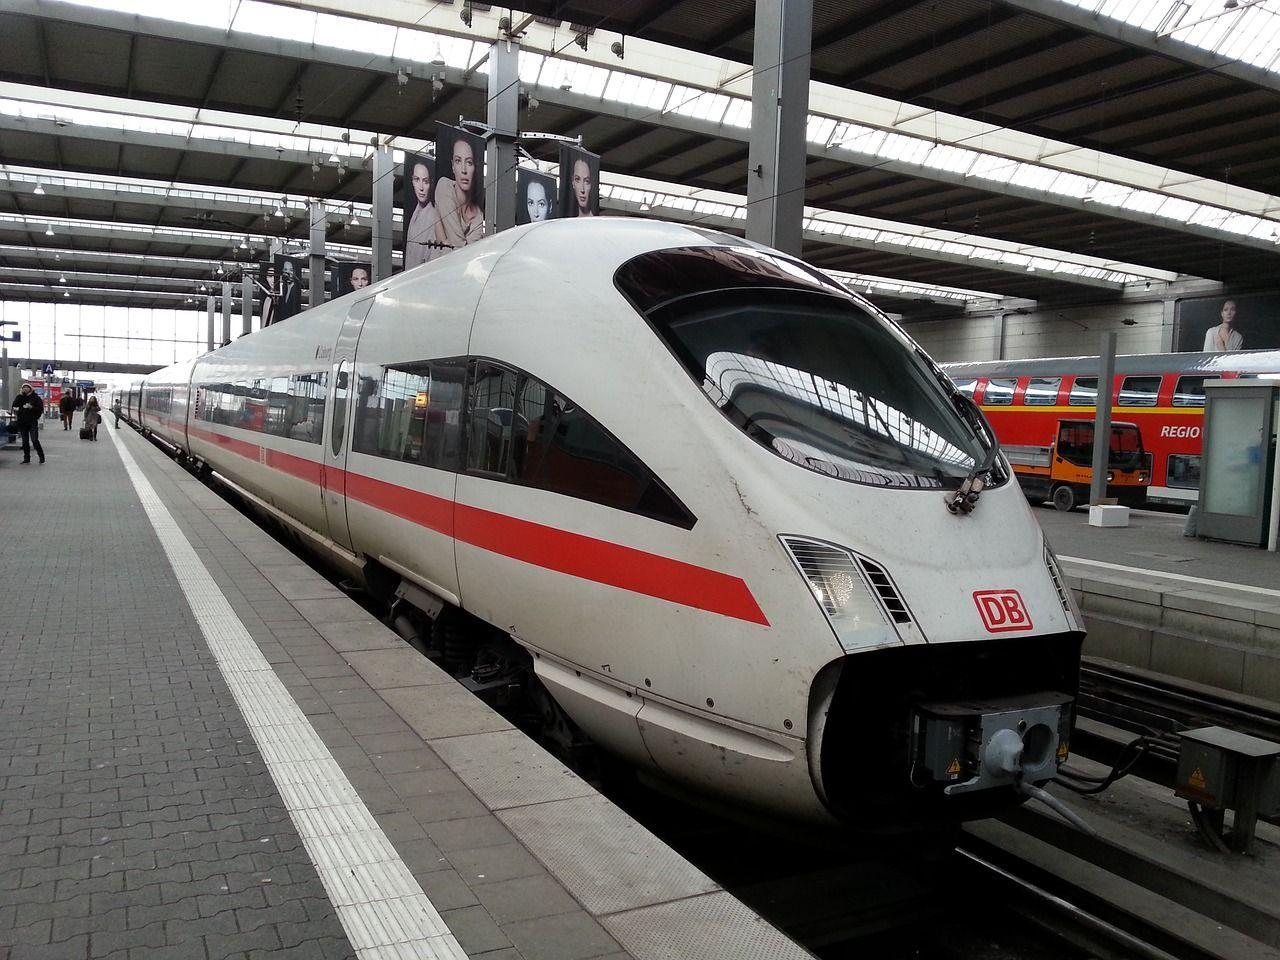 Assunzioni ferrovie tedesche 2018 assumono 15mila persone di cui 2mila over 50